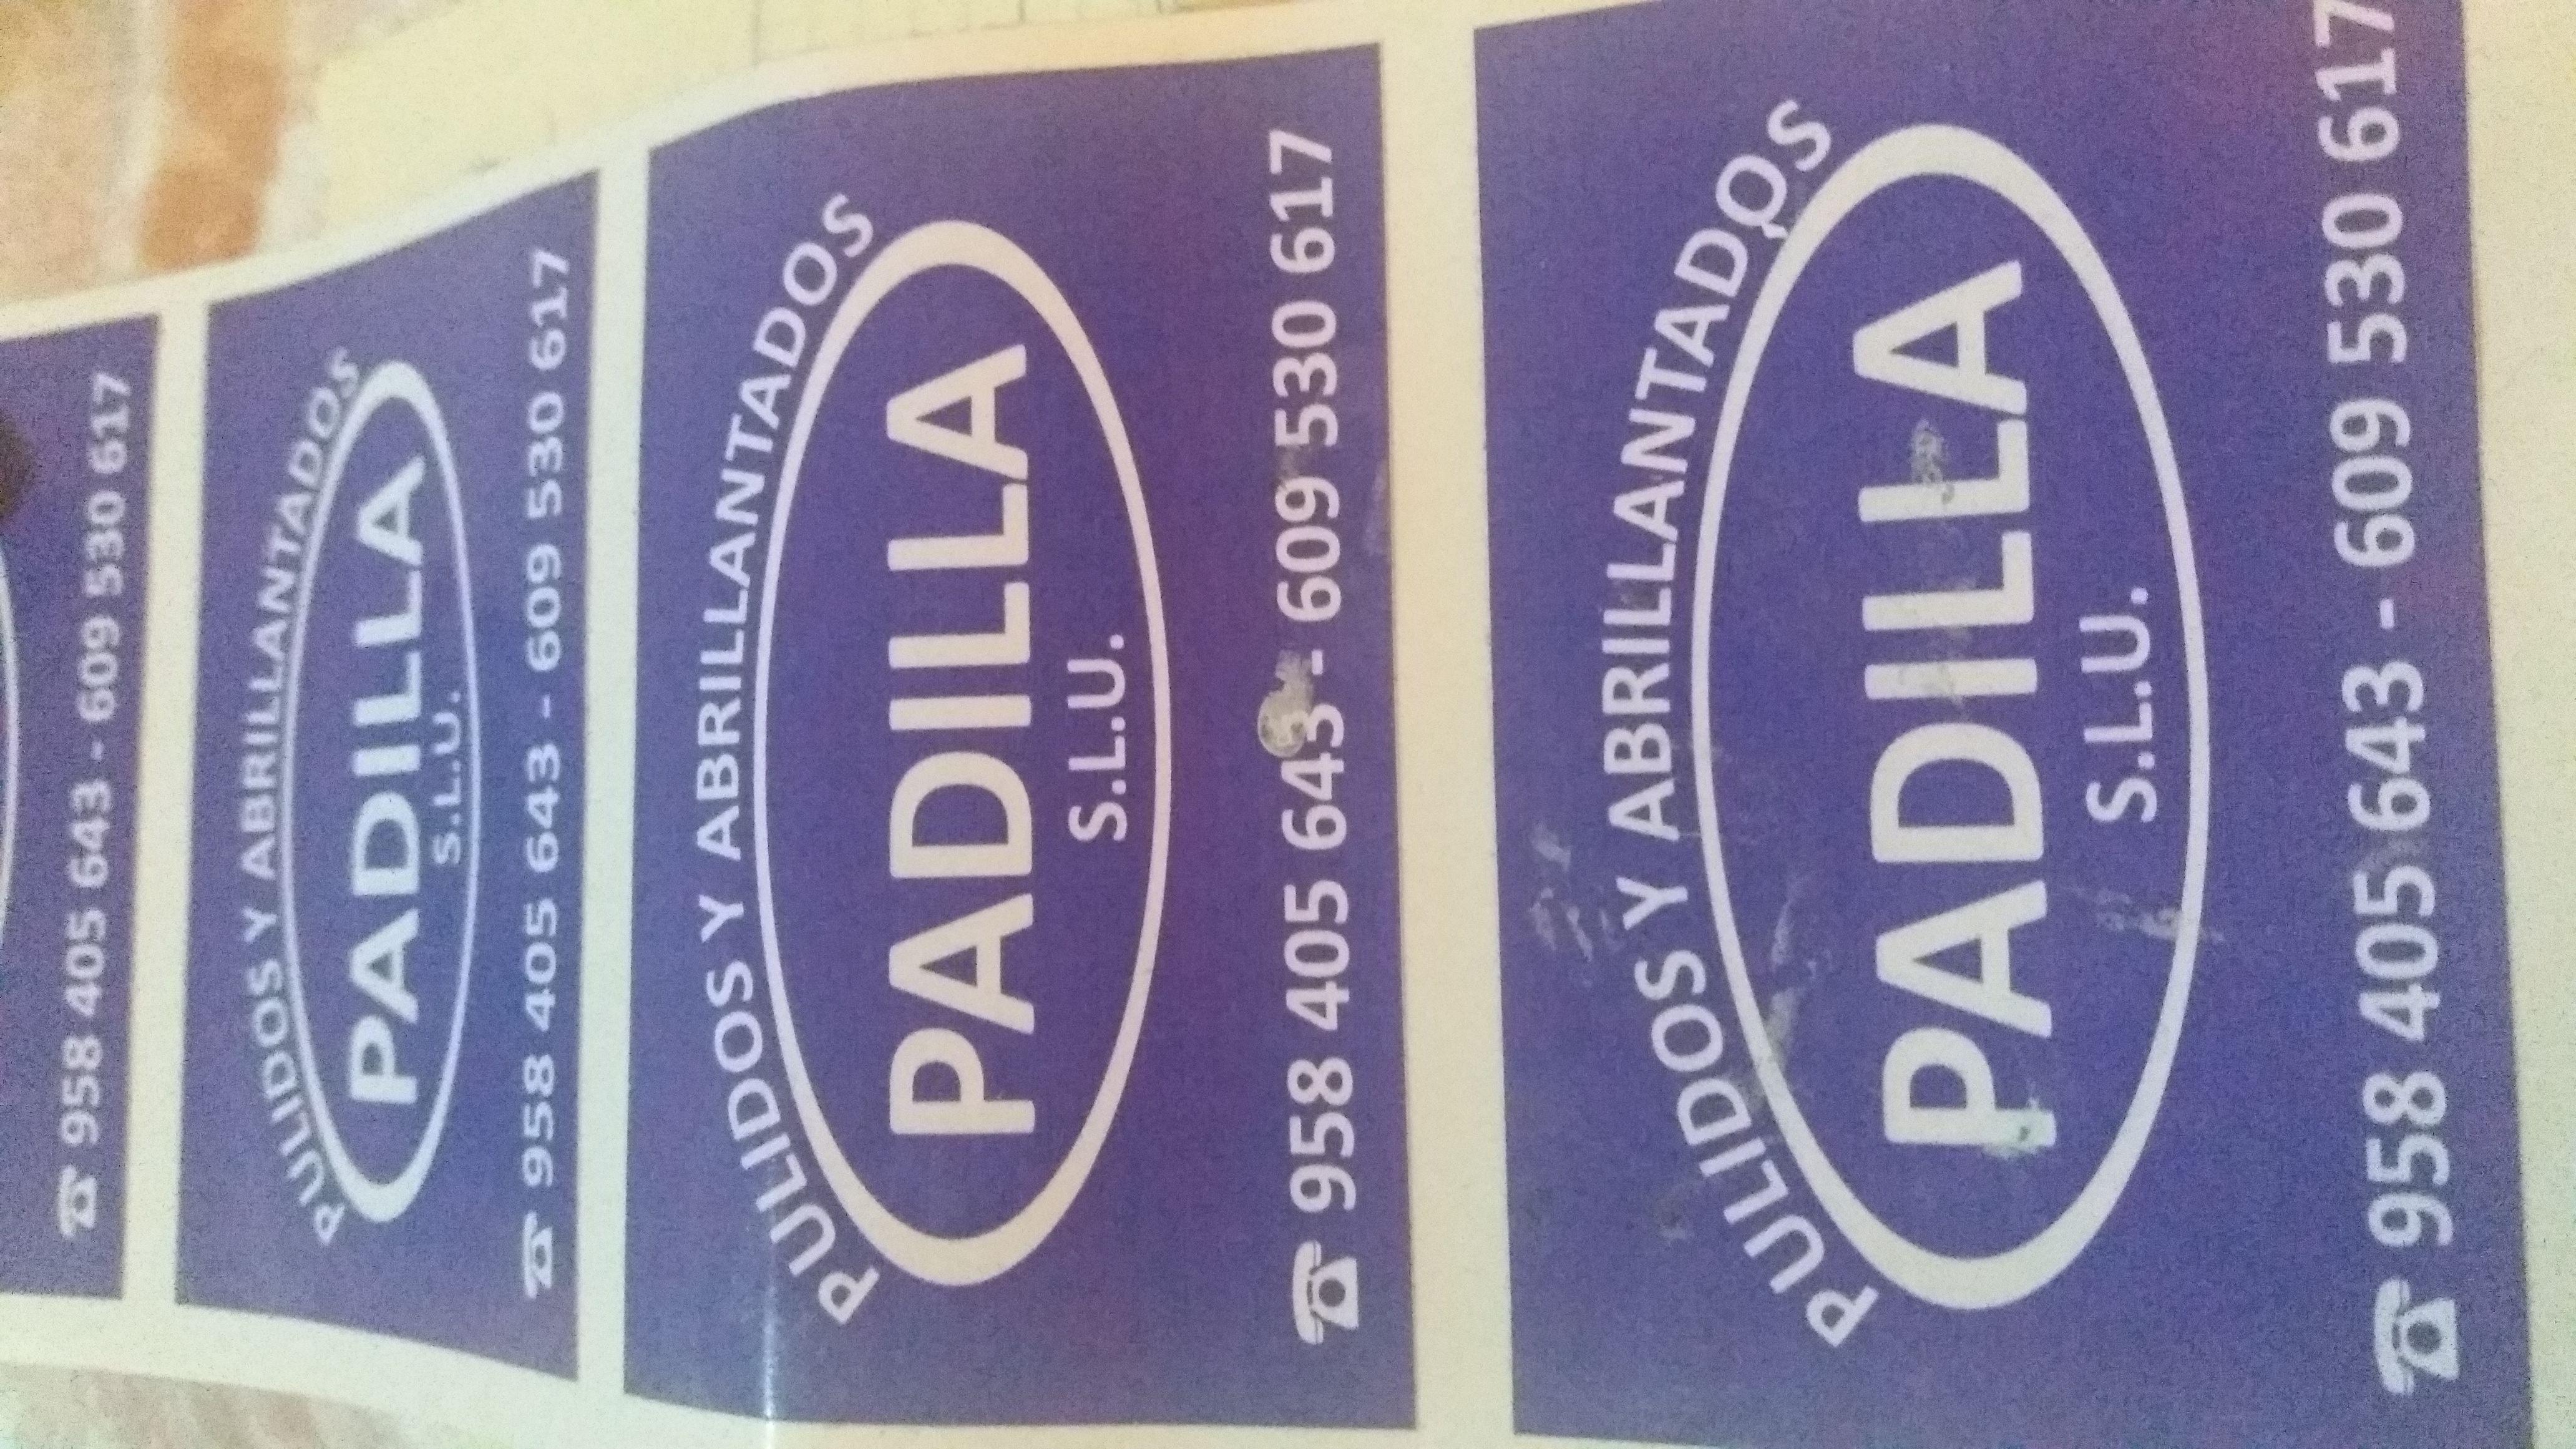 Pulidos Padilla S.l.u